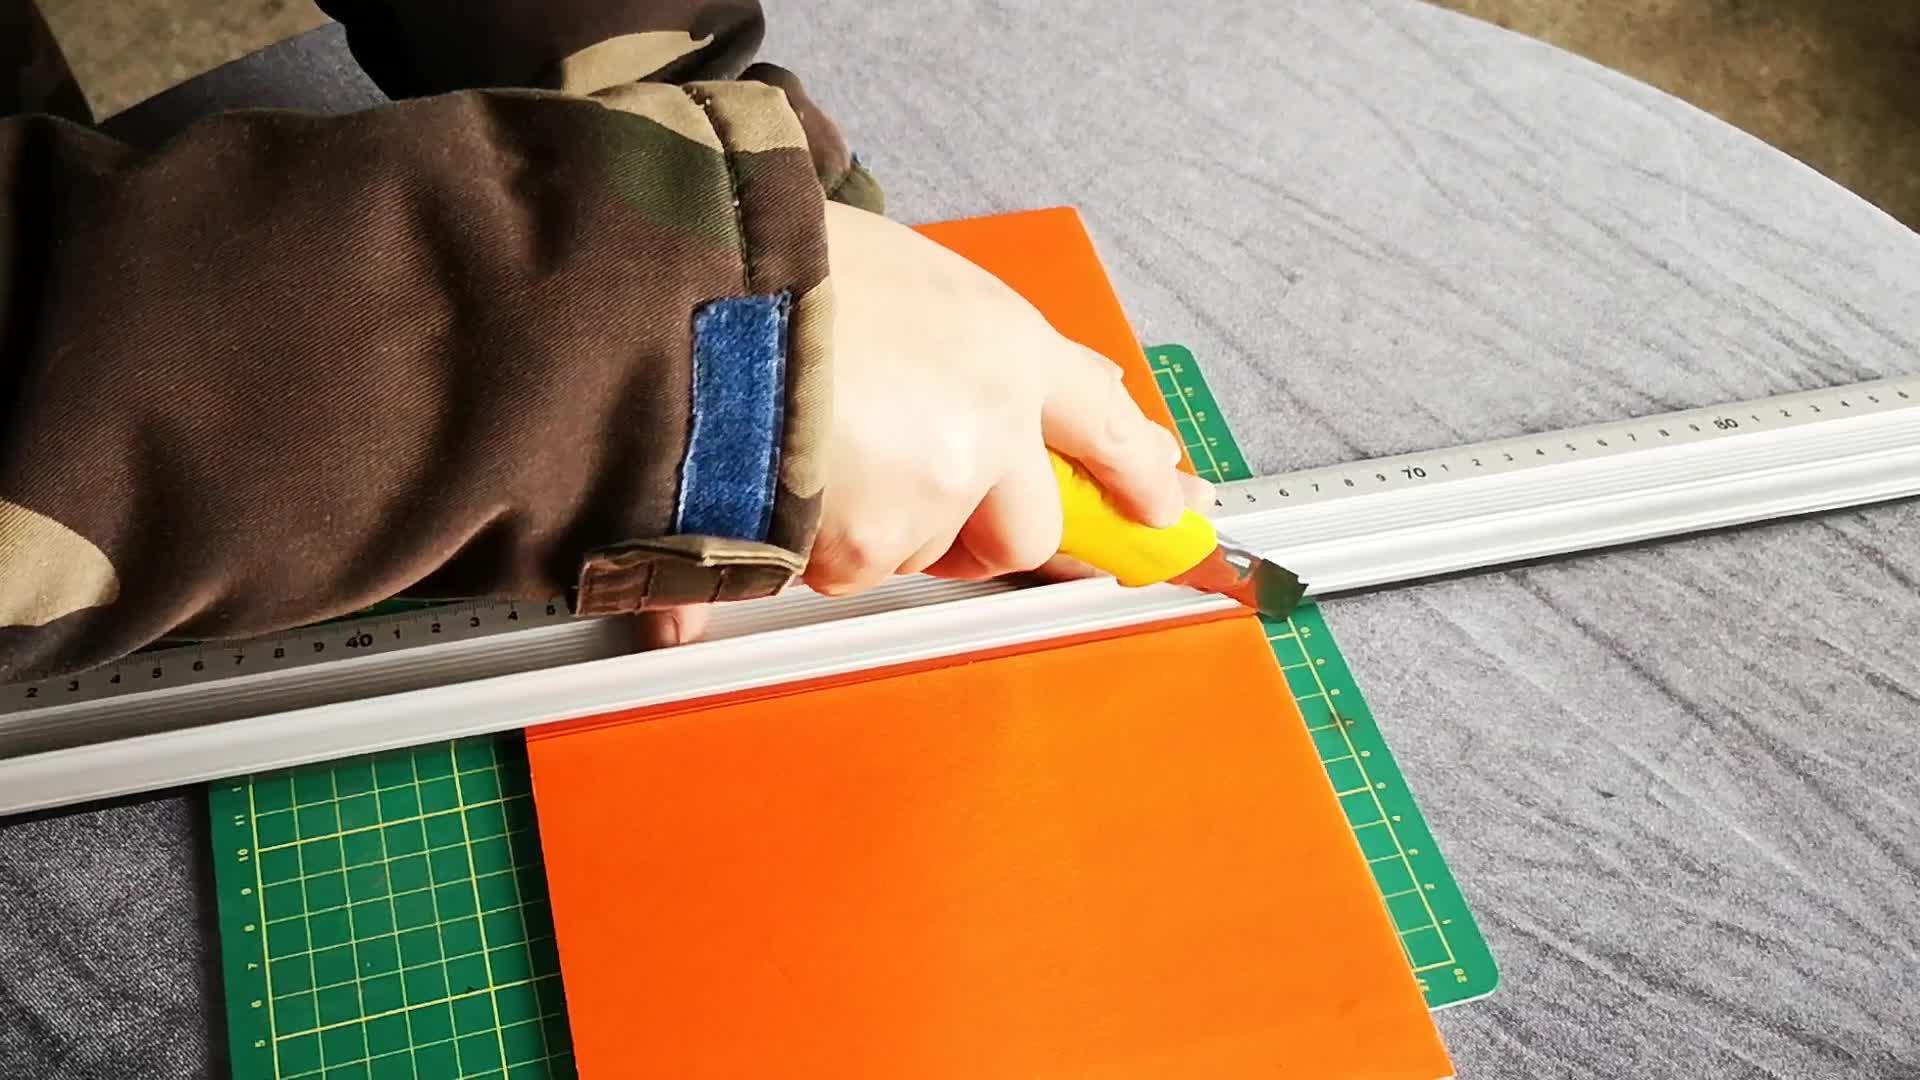 Sekolah Lurus Penggaris Aluminium Economic Safety Cutting Penguasa untuk Materi Iklan/Ekonomi Penguasa